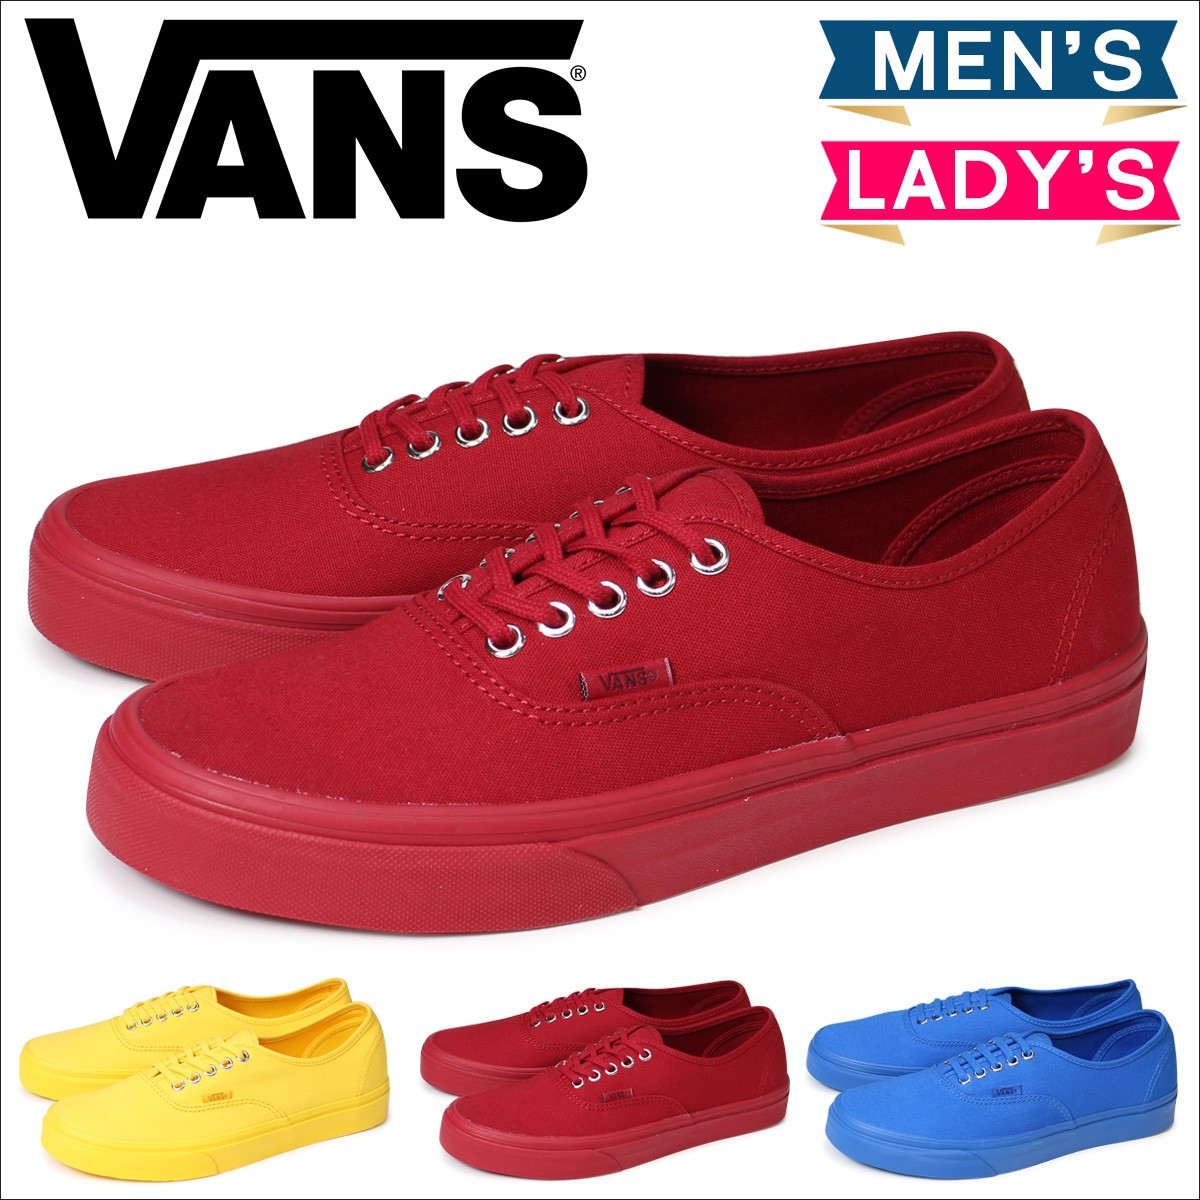 VANS オーセンティック スニーカー レディース メンズ バンズ ヴァンズ AUTHENTIC VN0A38EMMQ9 VN0A38EMMQA VN0A38EMMQB 靴